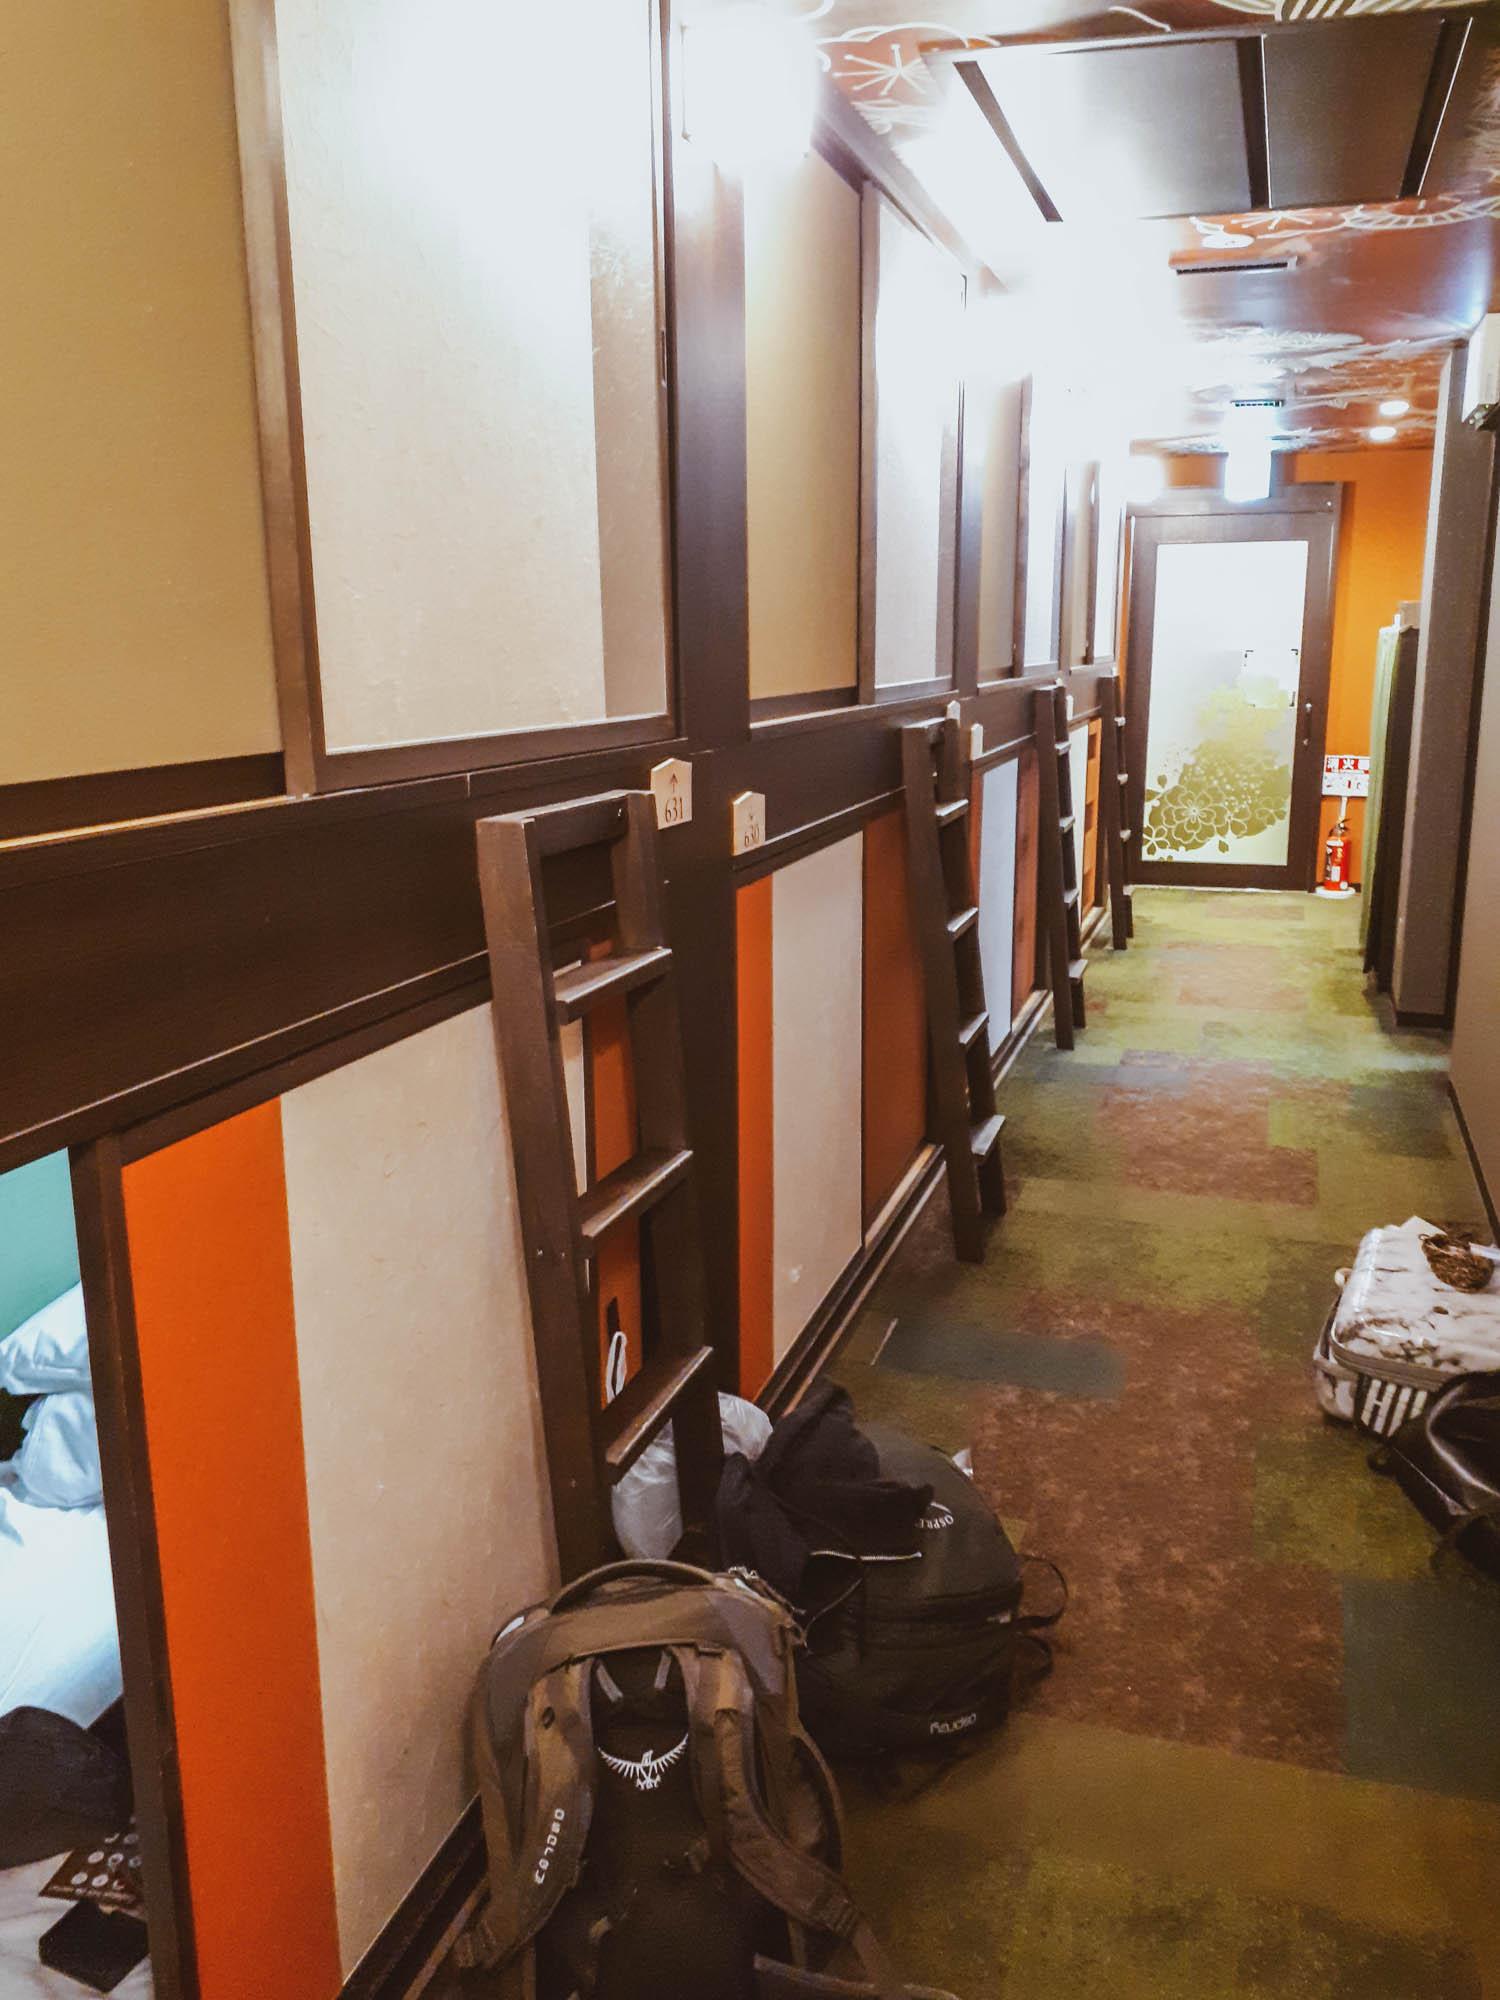 Cabine-spa-hotel-Kyoto